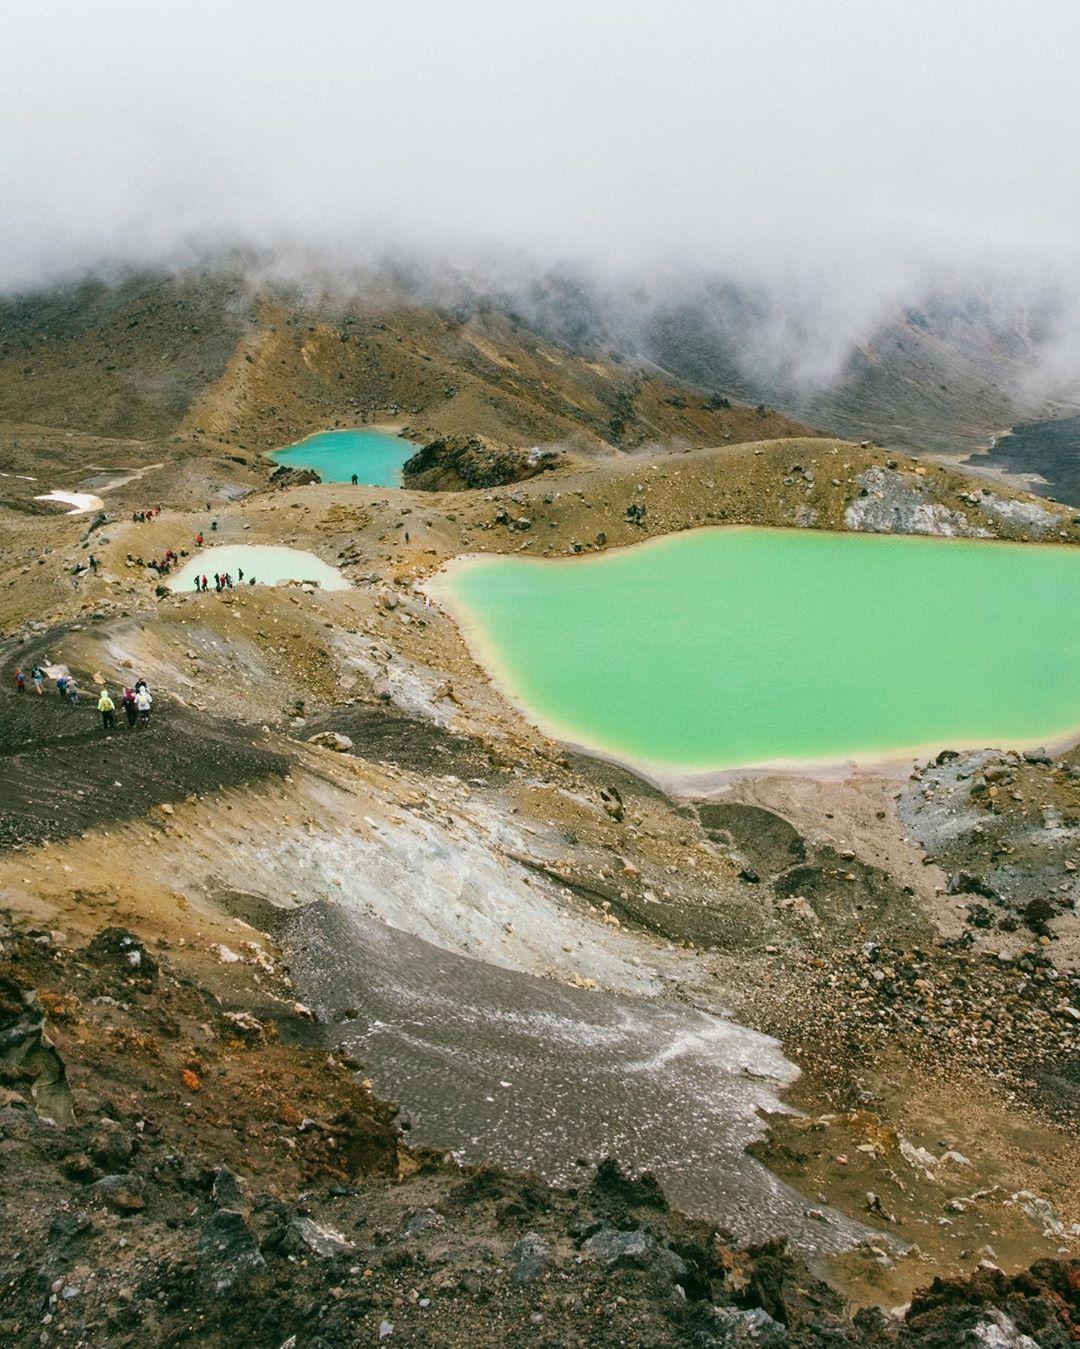 Công viên quốc gia Tongariro, New Zealand